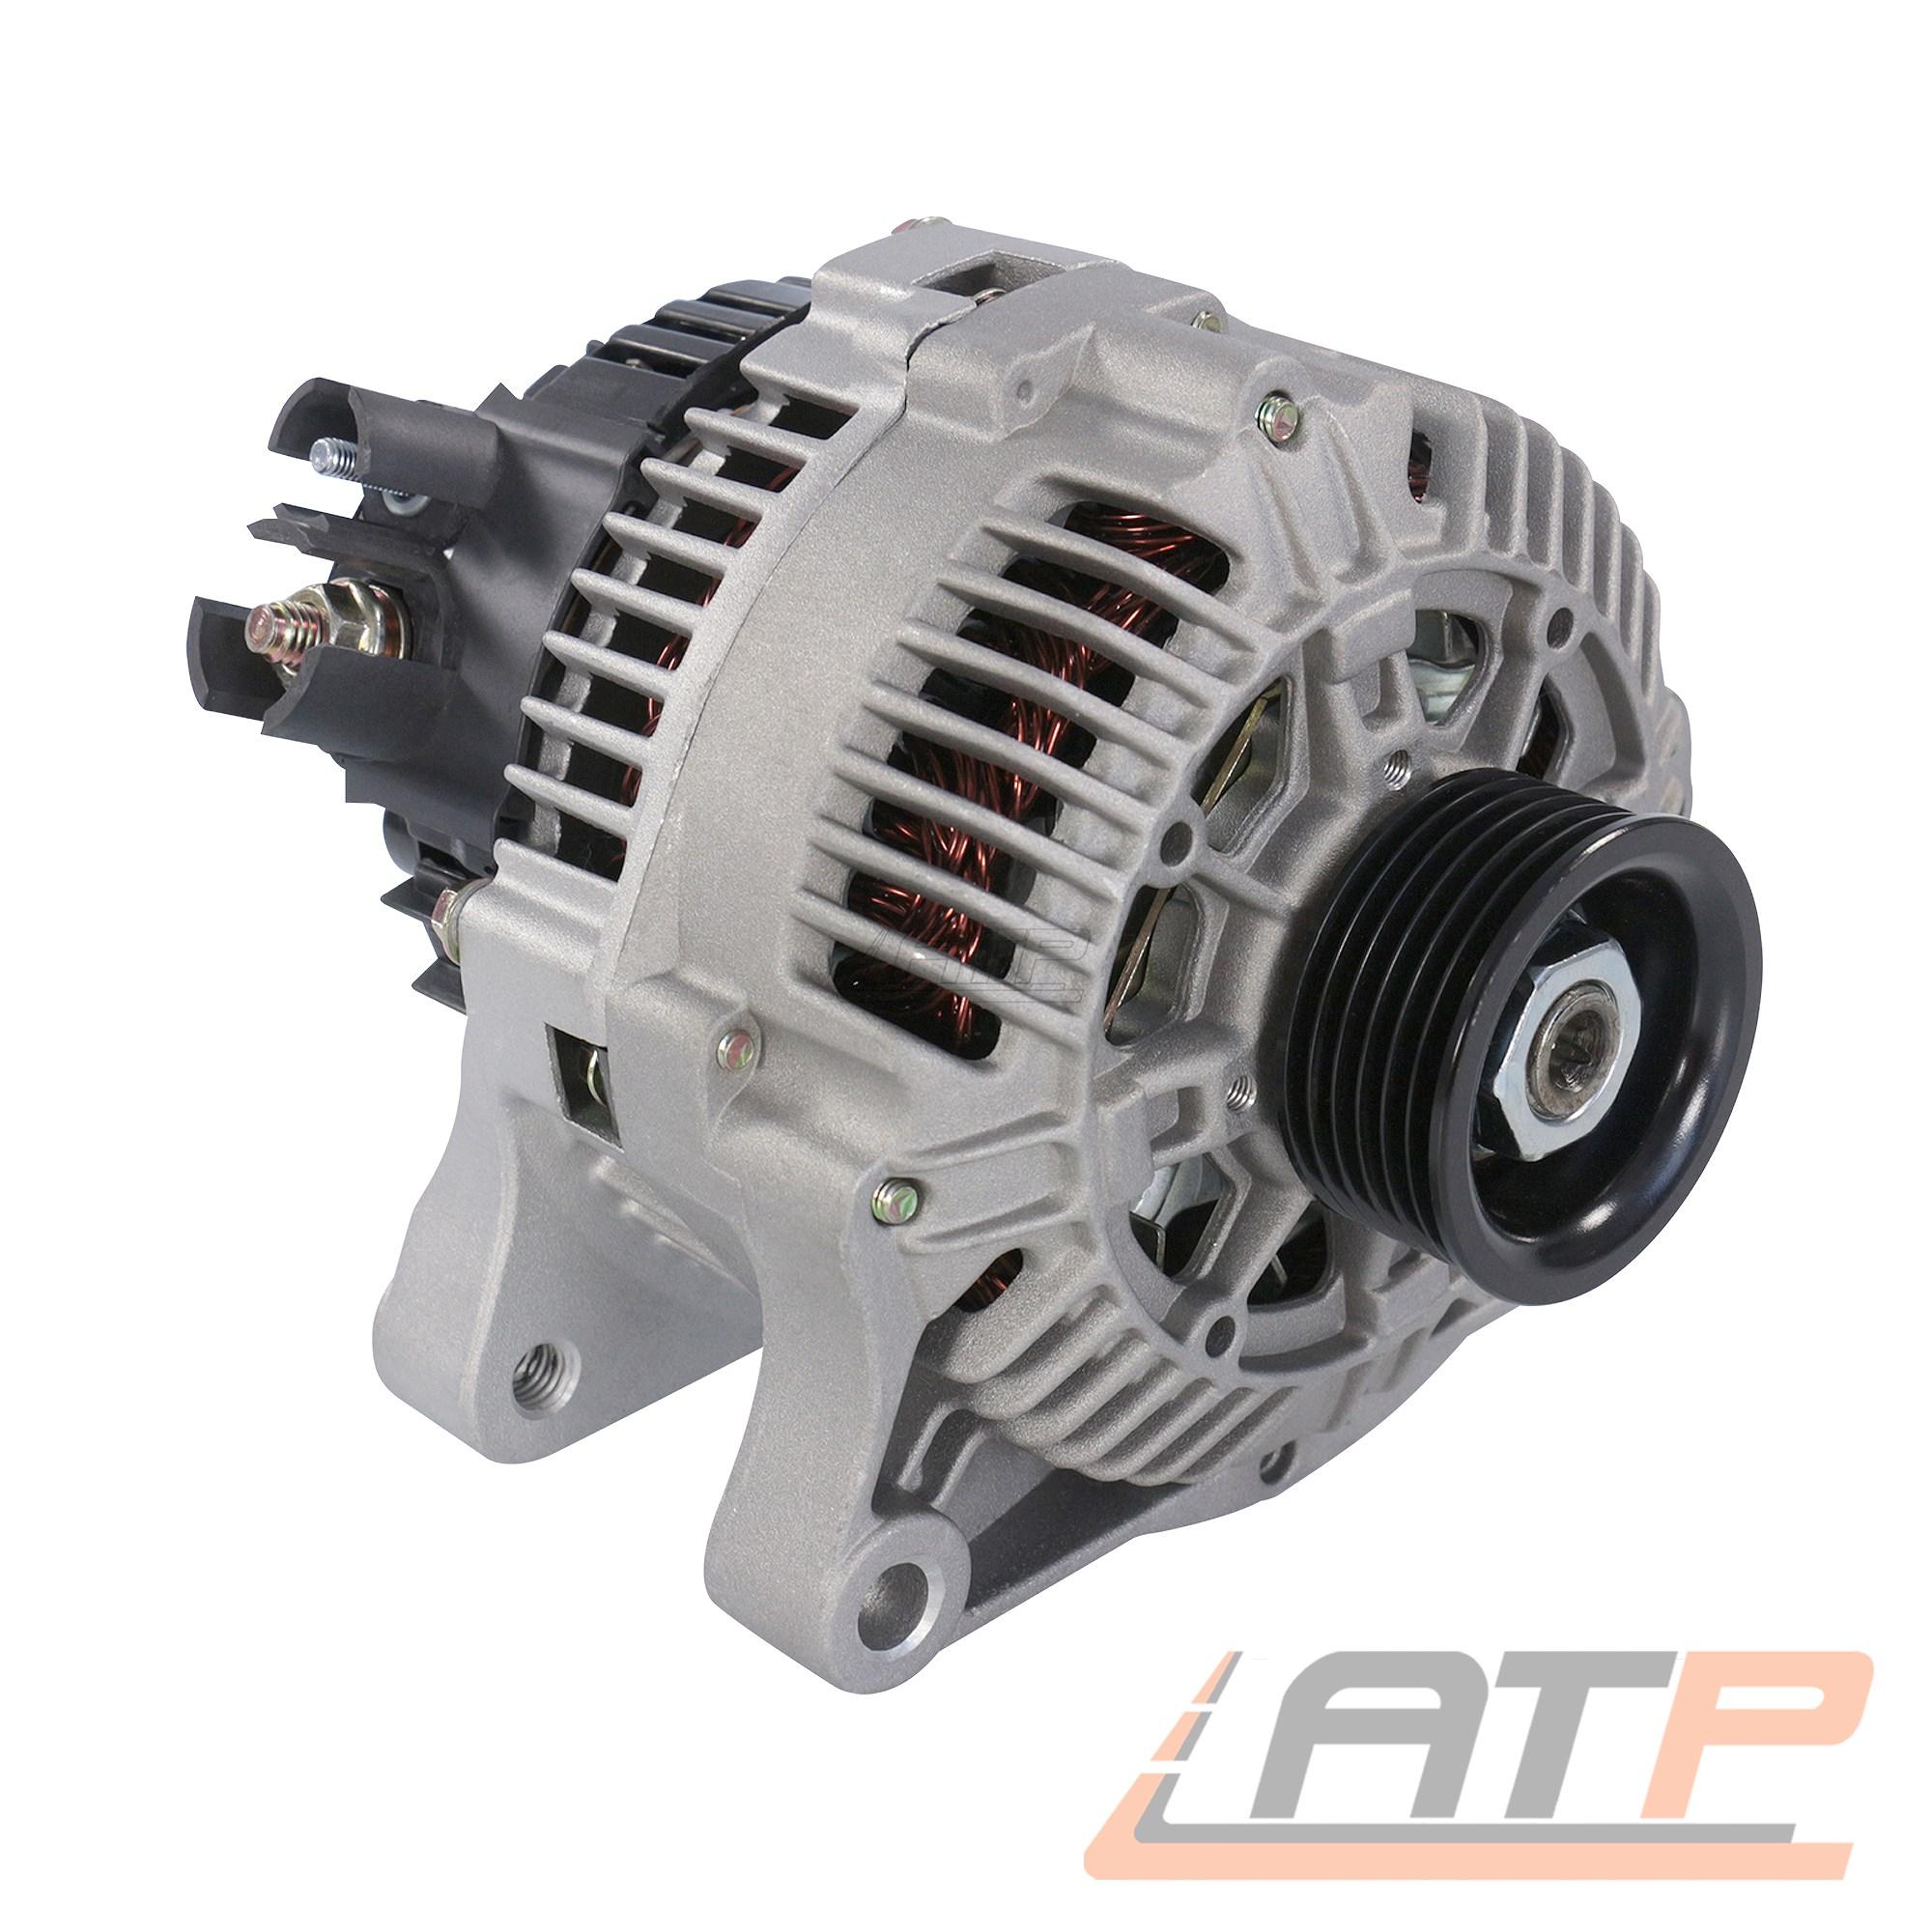 La dínamo generador 80a citroen berlingo 1.1 1.4 1.6 16v 1.9 d 2.0 BJ 96-08